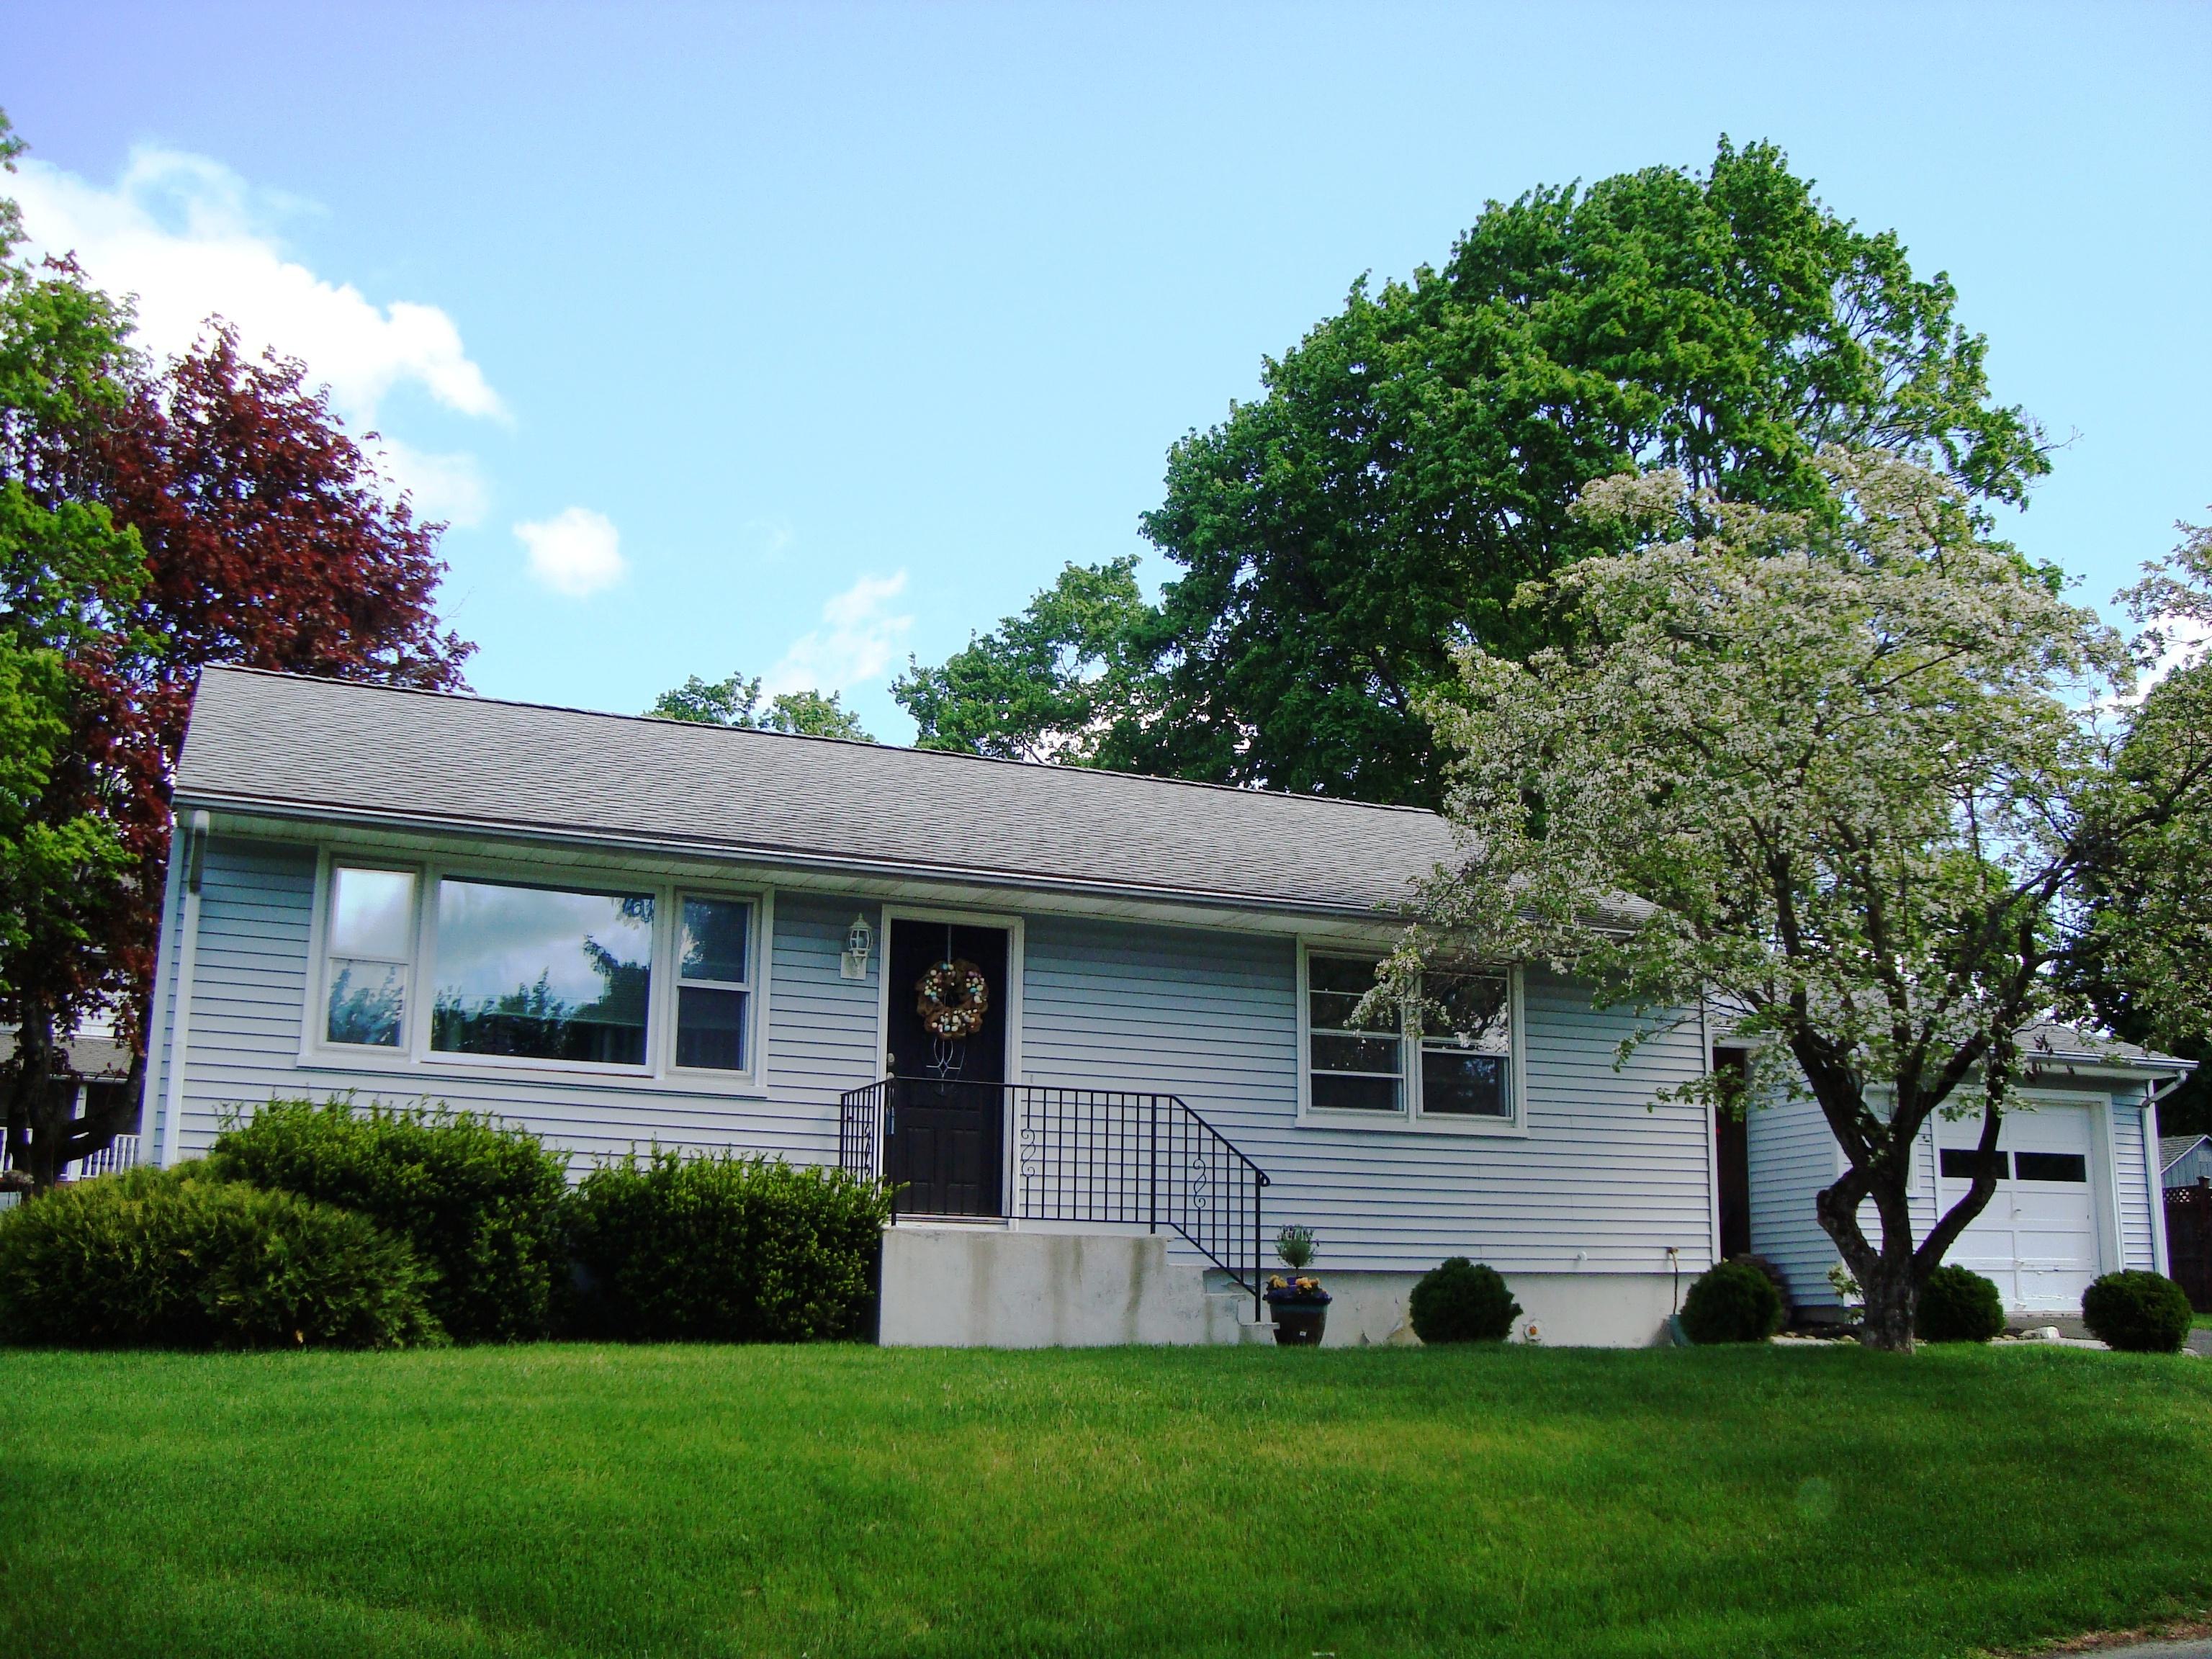 独户住宅 为 销售 在 Ranch Style Home 3 Aiken Avenue 丹伯里, 康涅狄格州, 06811 美国